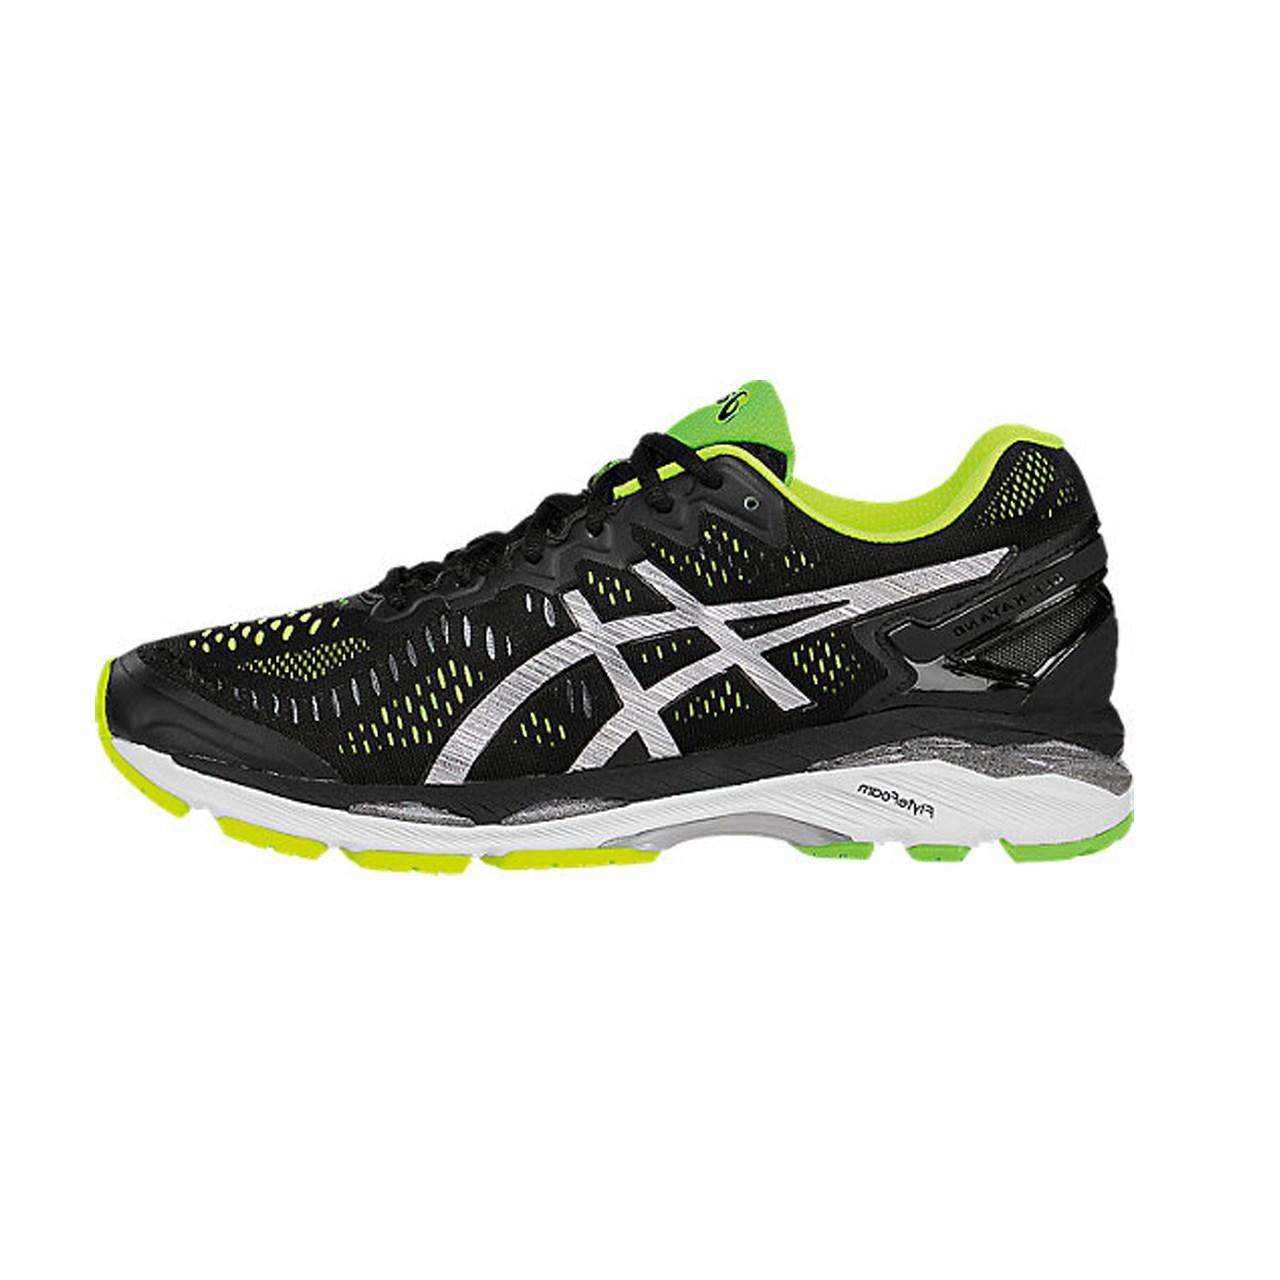 قیمت کفش مخصوص دویدن مردانه اسیکس مدل GEL-KAYANO 23 کد T646N-9093